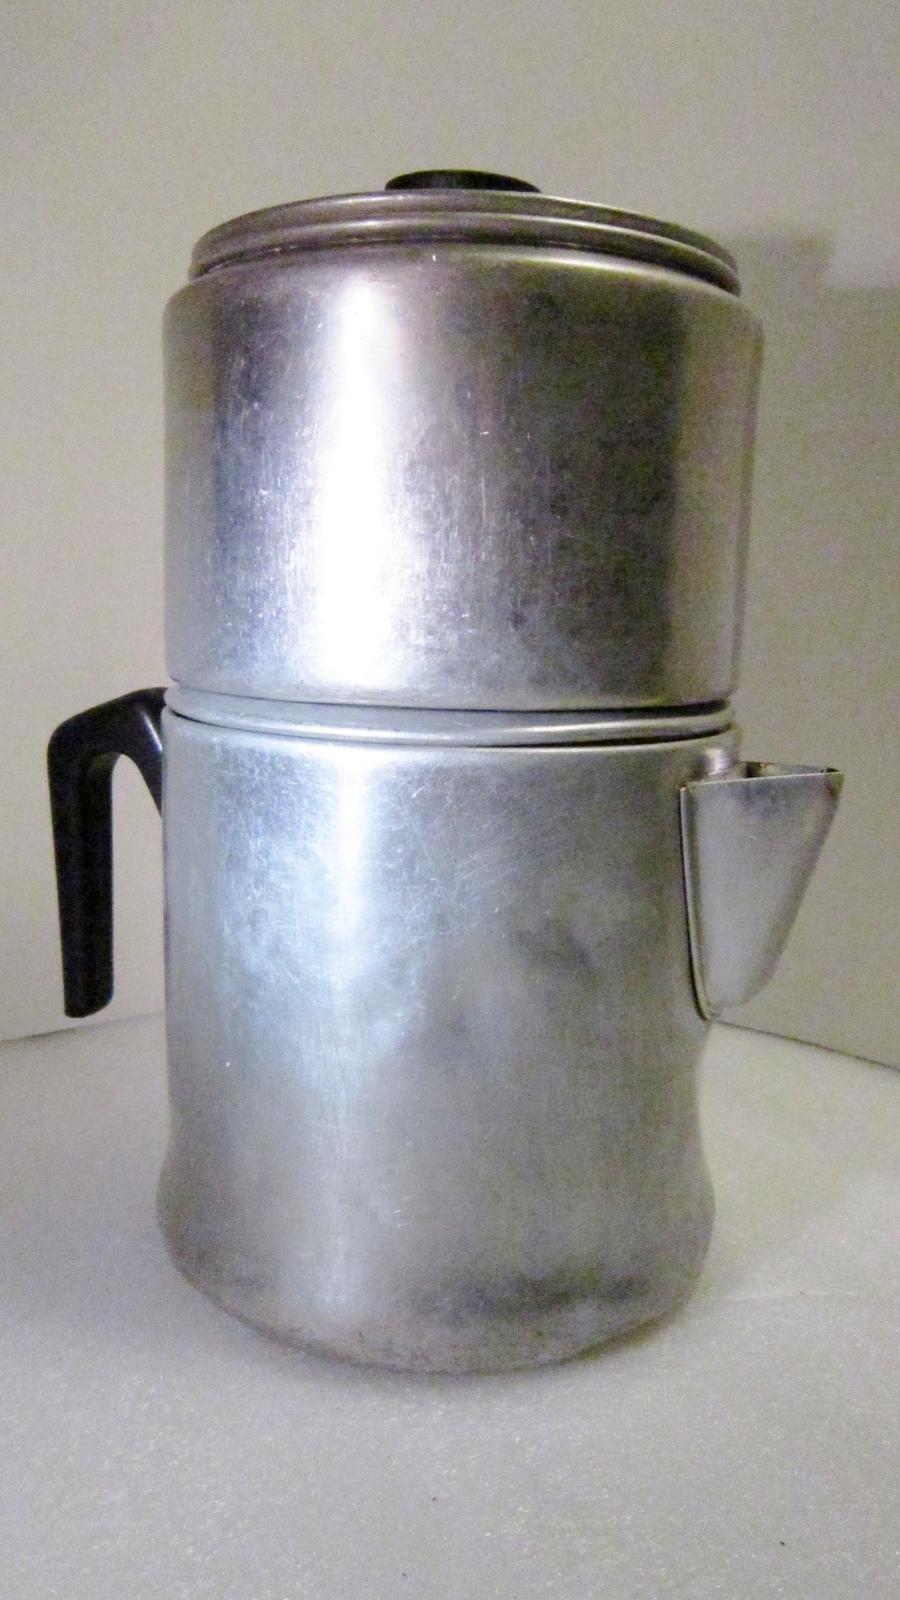 Drip-O-lator Coffee Maker Enterprise Aluminum, Macon, Georgia USA - Aluminum